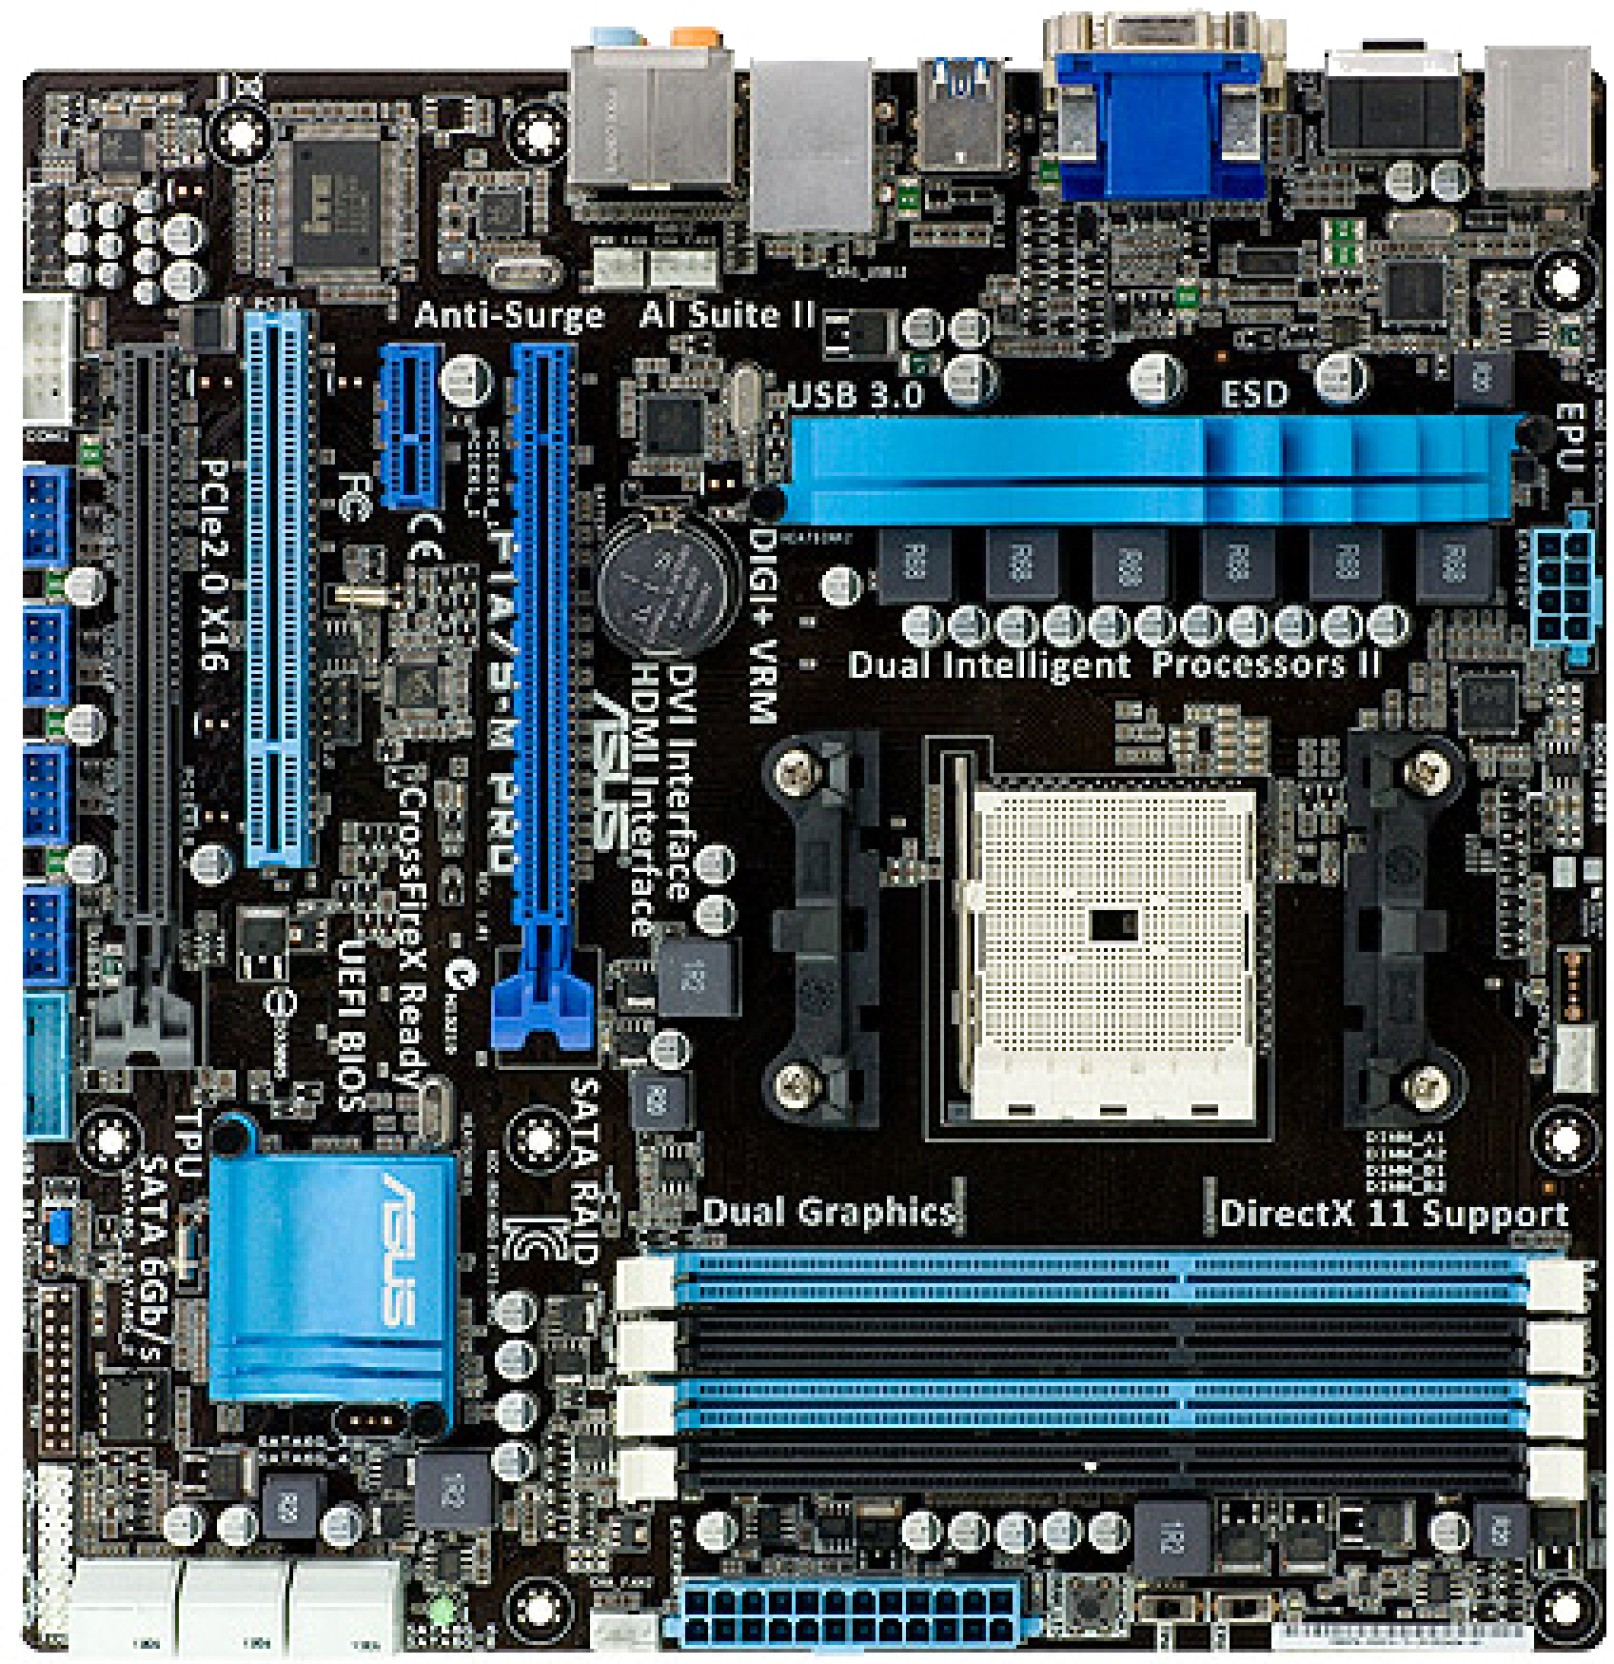 Asus F1A75-M PRO Motherboard - Asus : Flipkart com